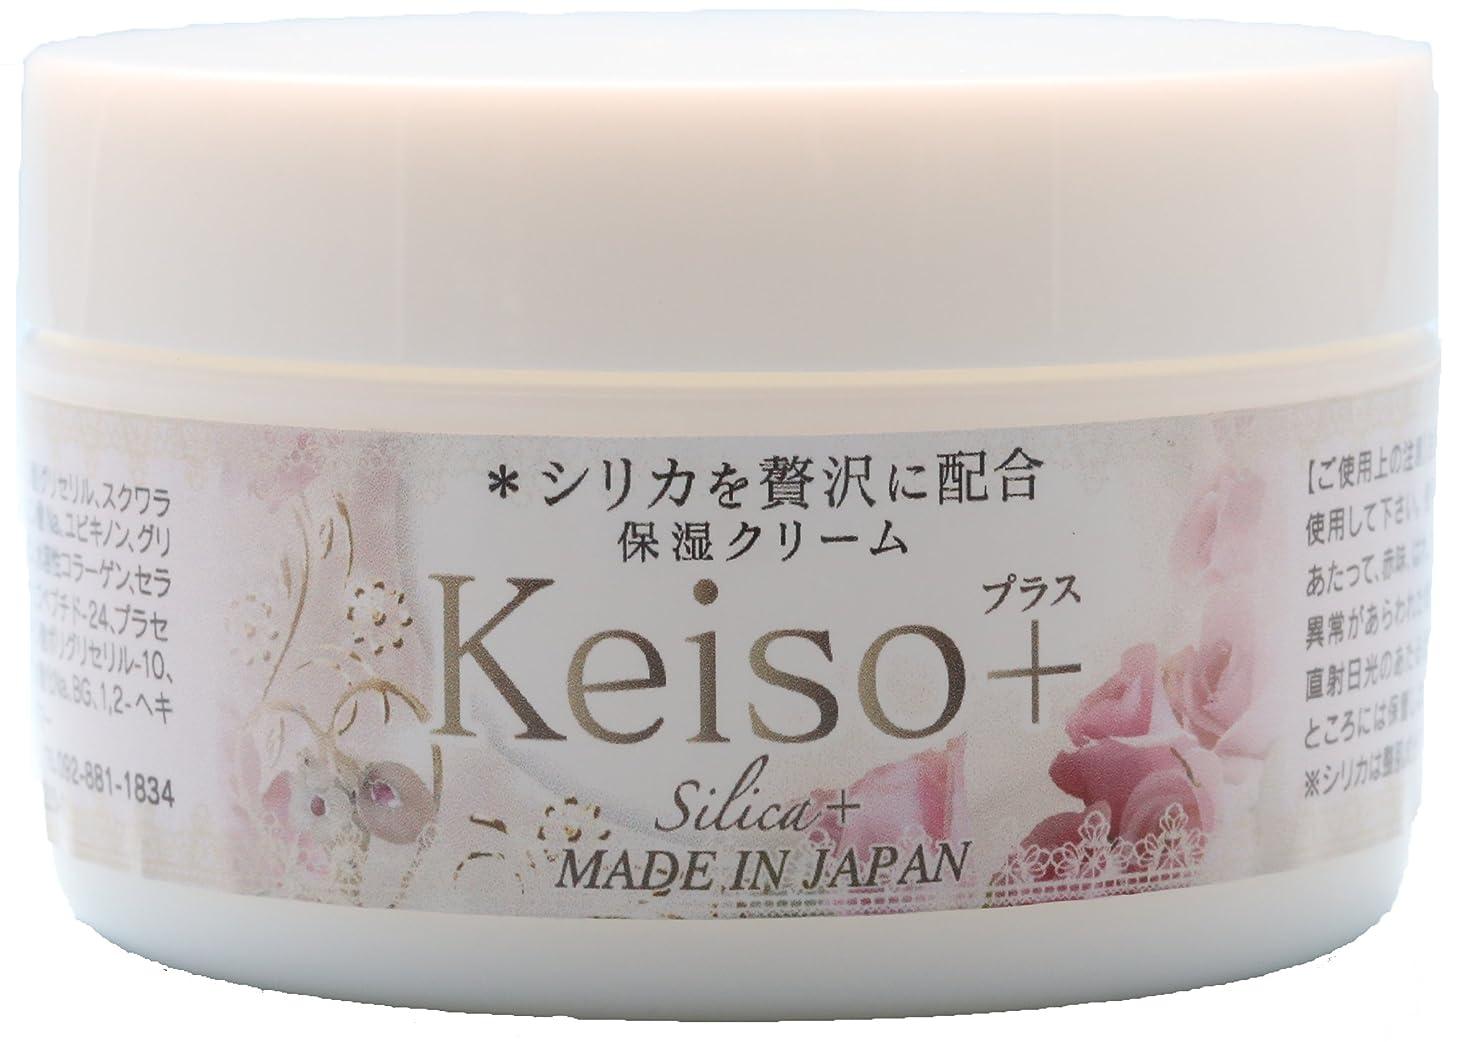 珍しい不条理にKeiso+ 高濃度シリカ(ケイ素) 保湿クリーム 100g Silica Cream